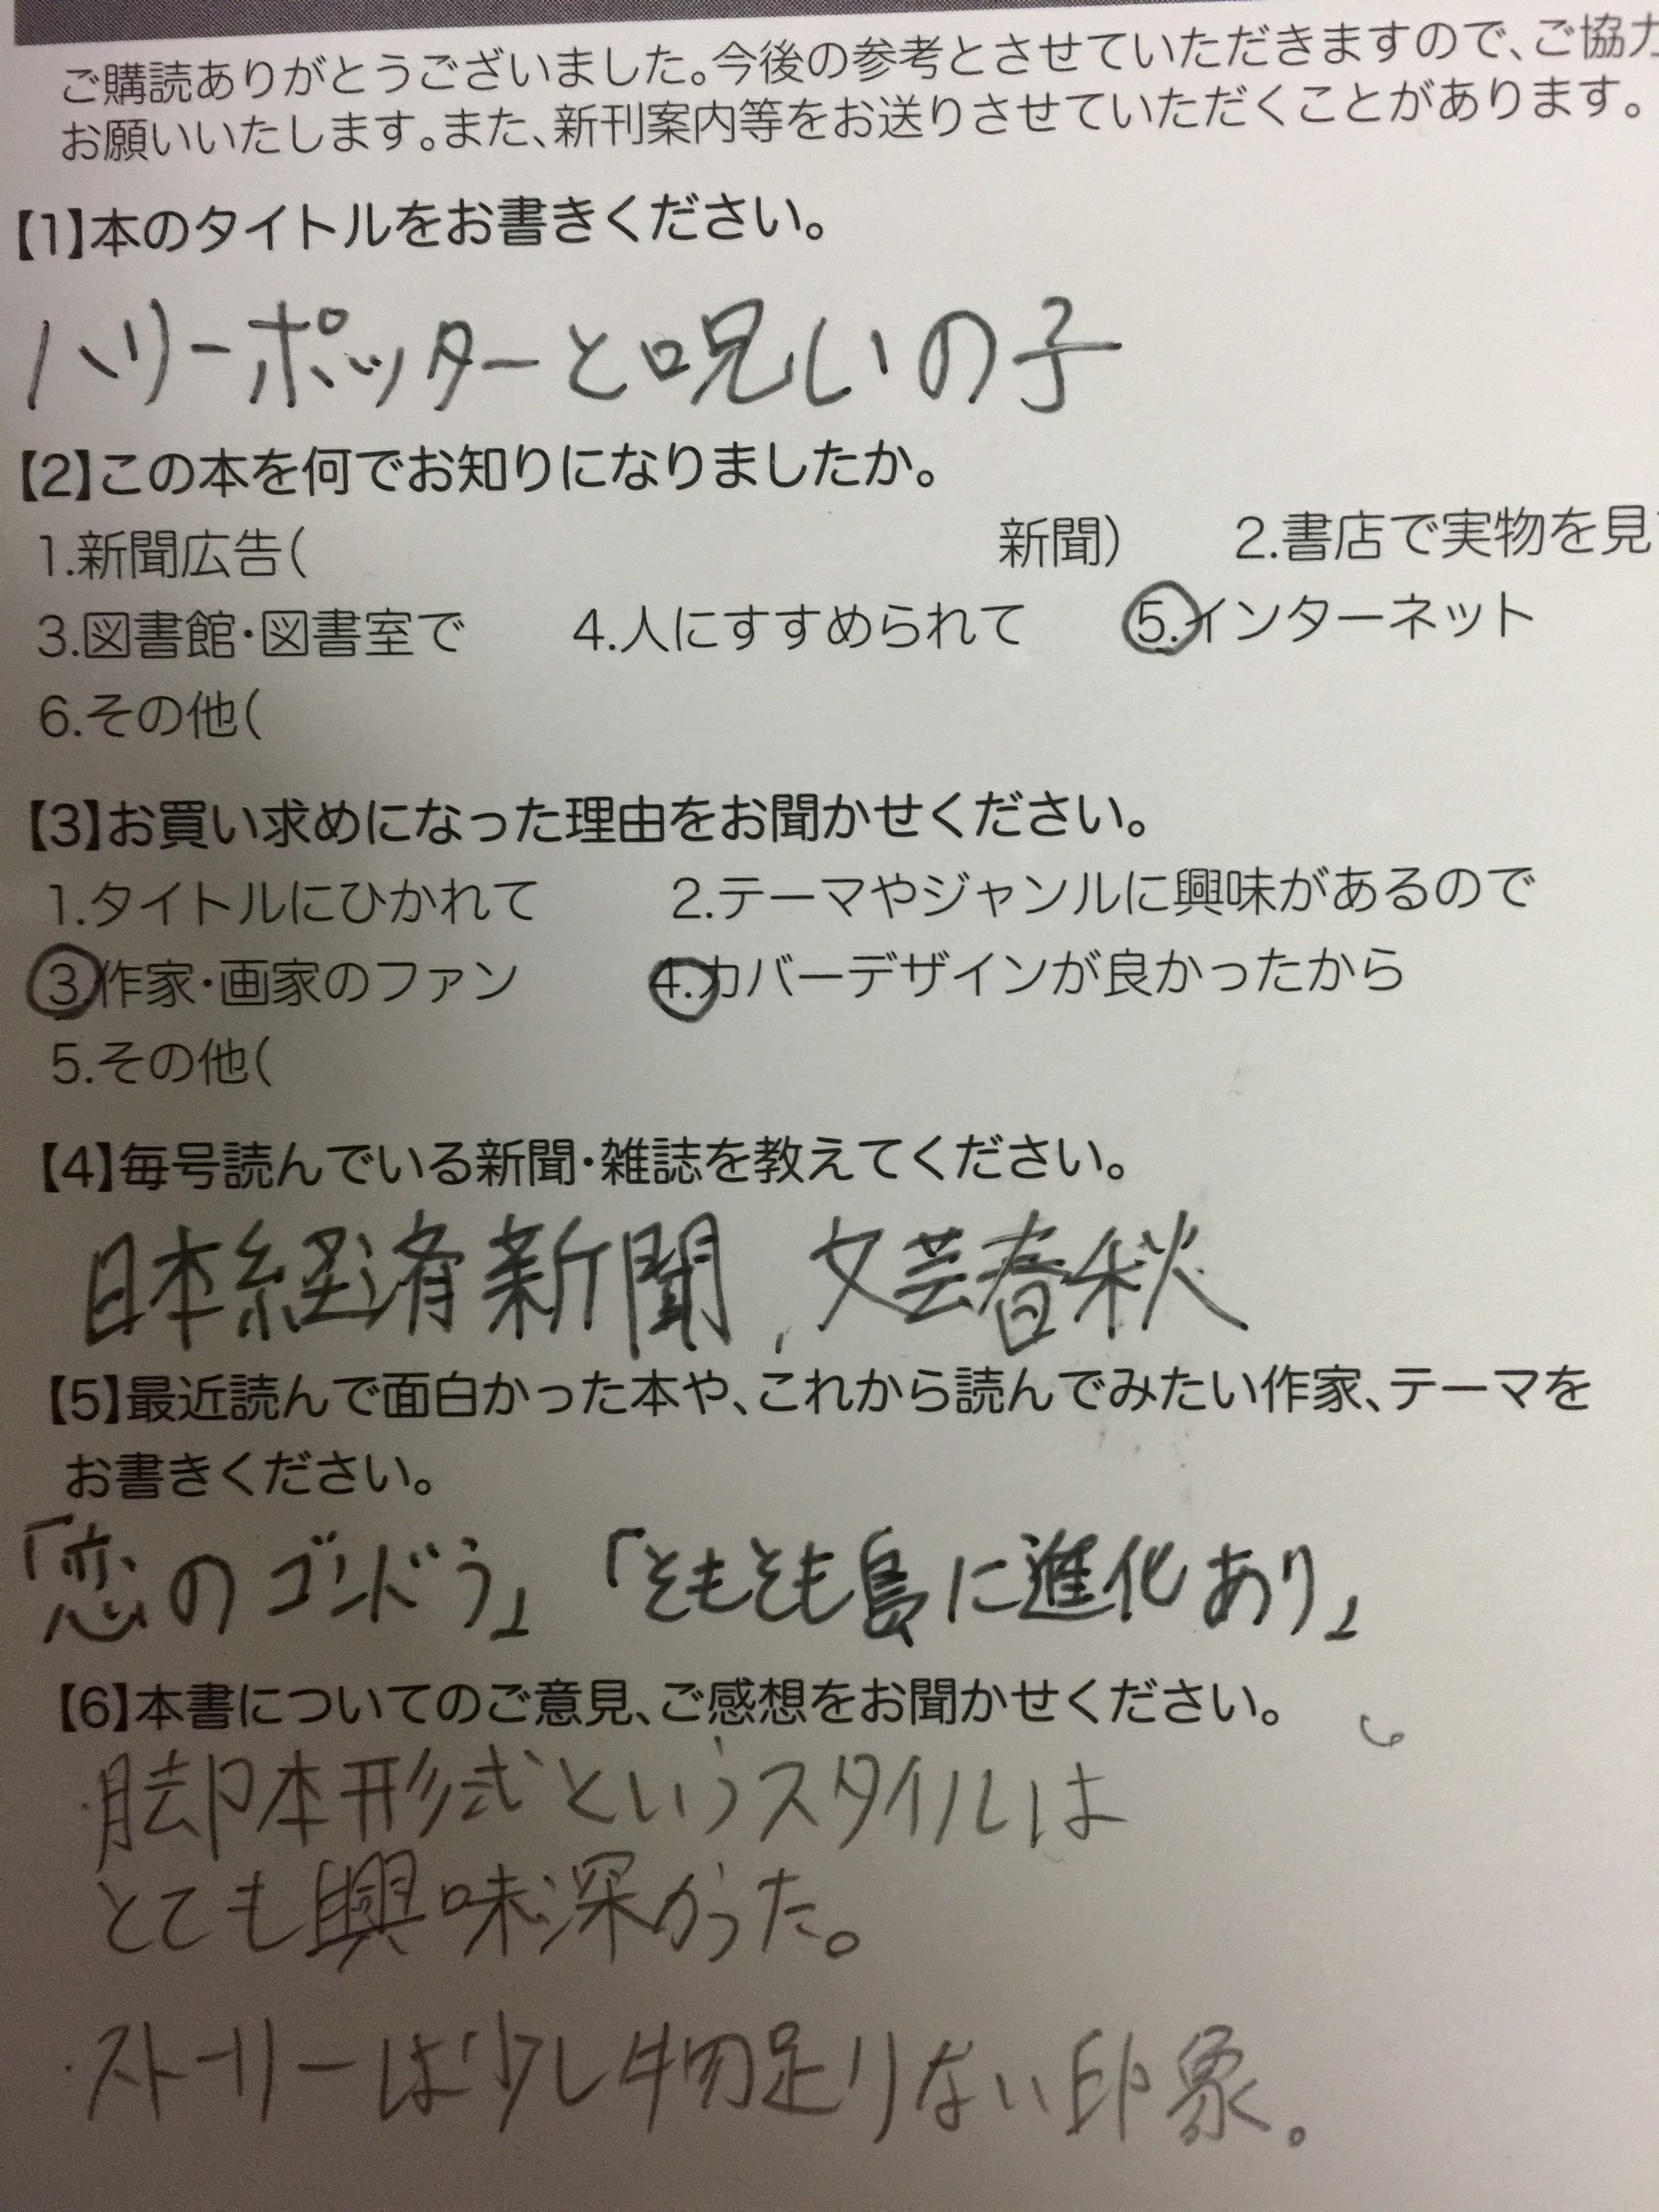 『ハリーポッターと呪いの子』 ハガキ 感想 静山社』